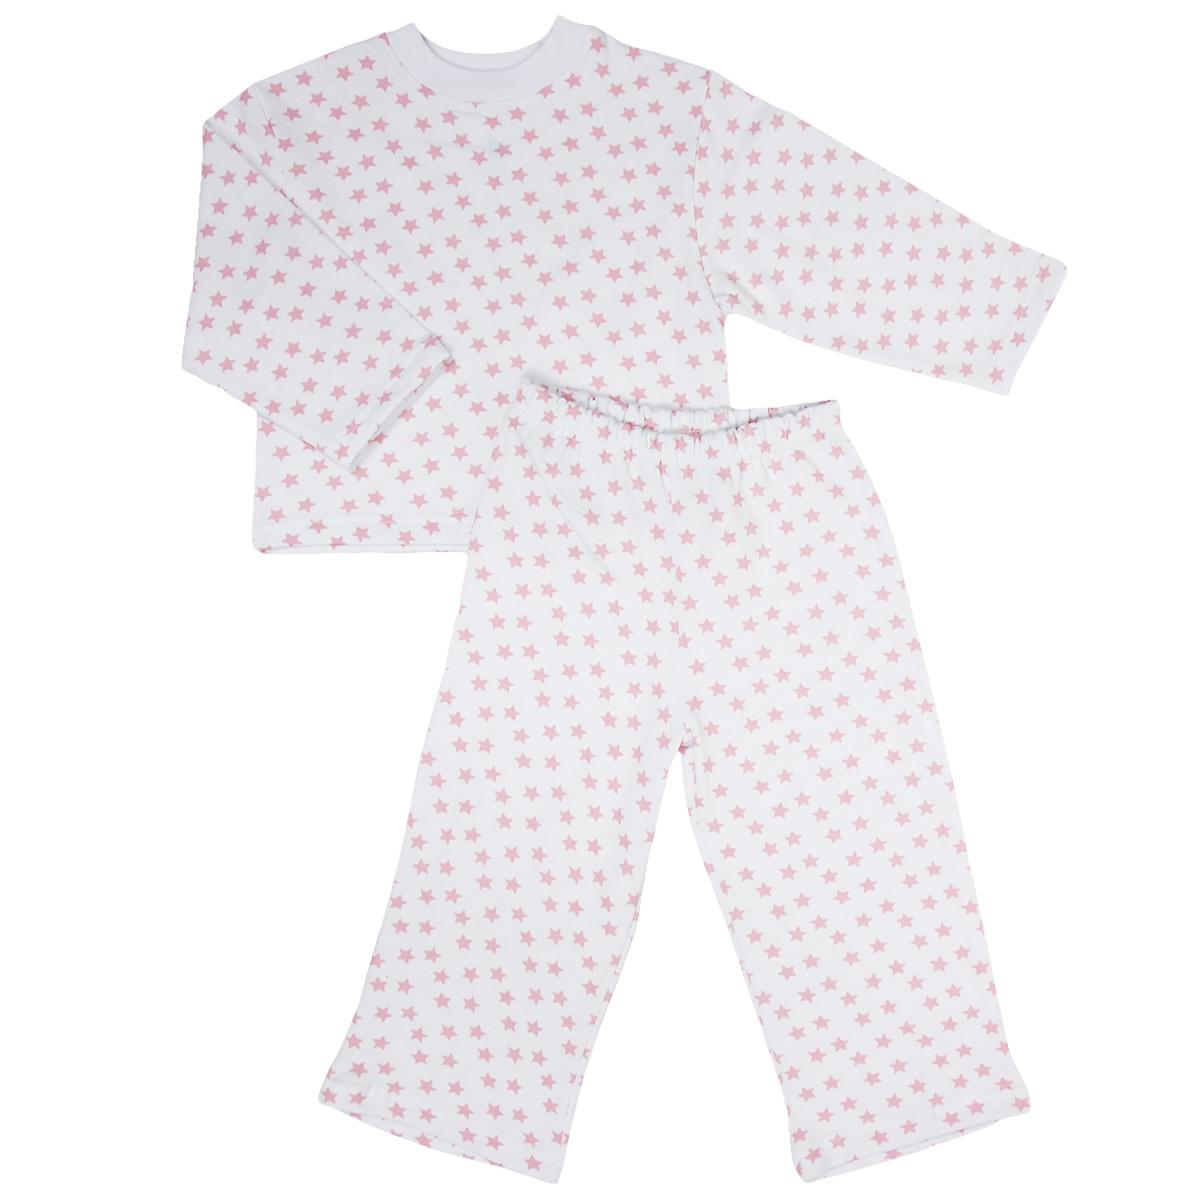 Пижама детская Трон-плюс, цвет: белый, розовый, рисунок звезды. 5553. Размер 80/86, 1-2 года